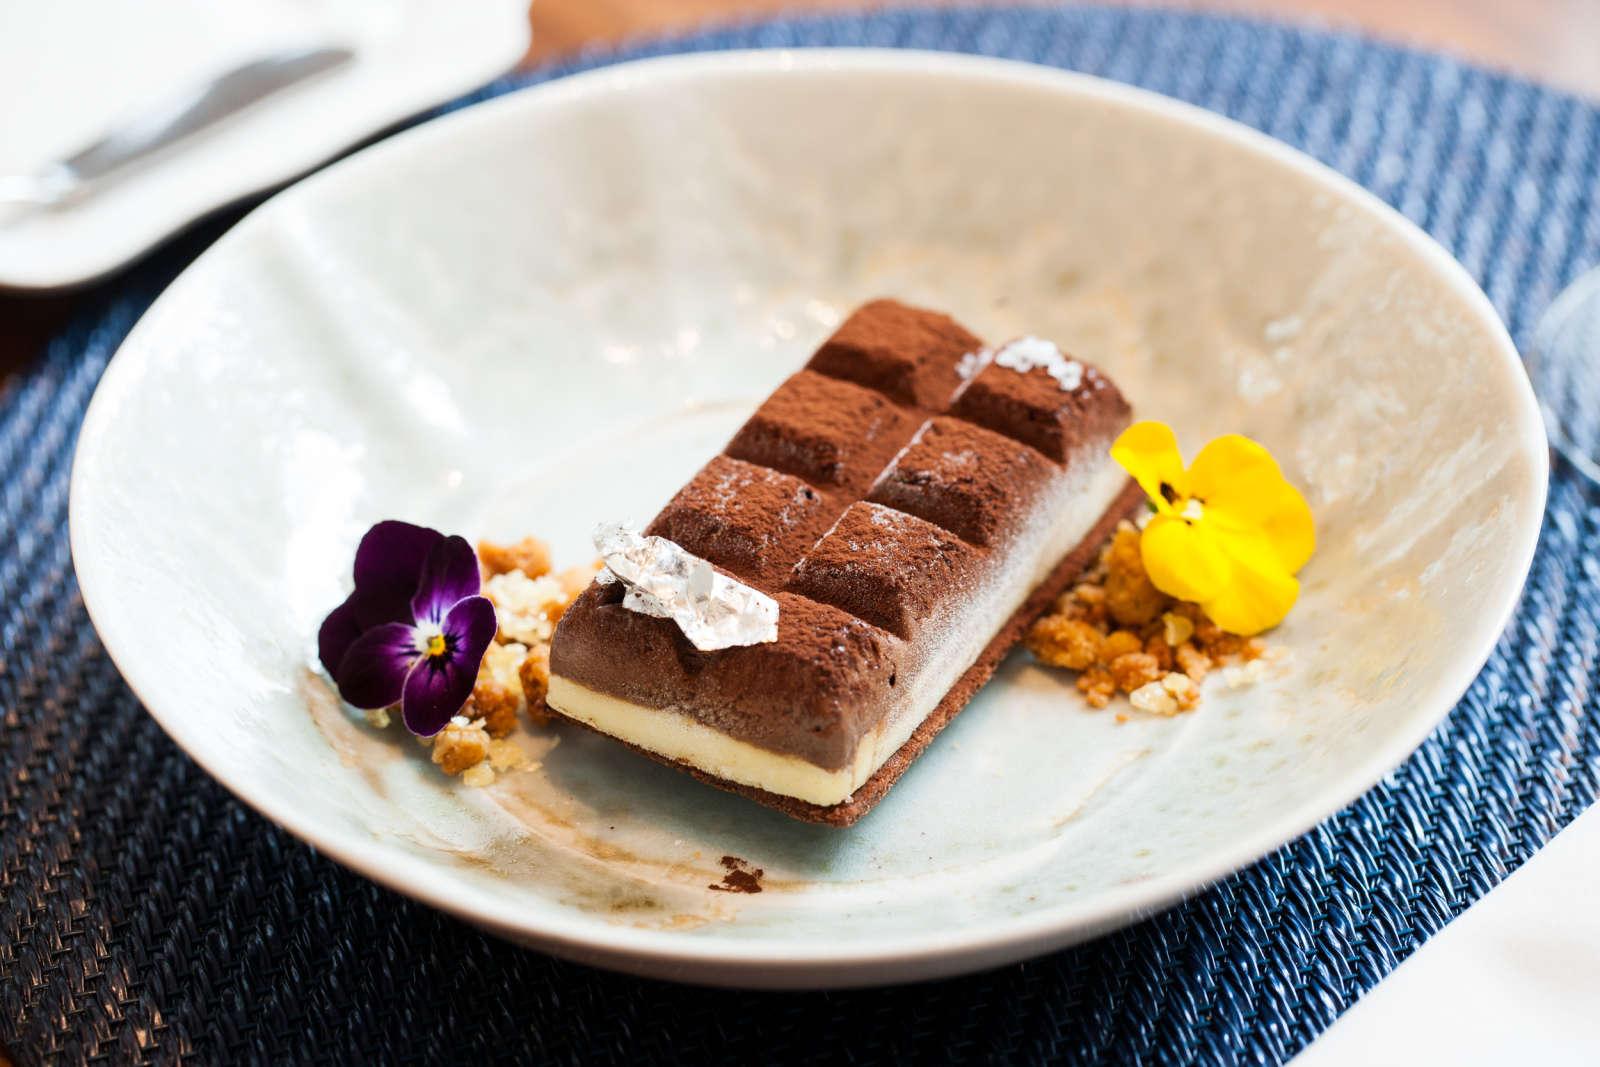 O chocolate e o azeite numa tablete